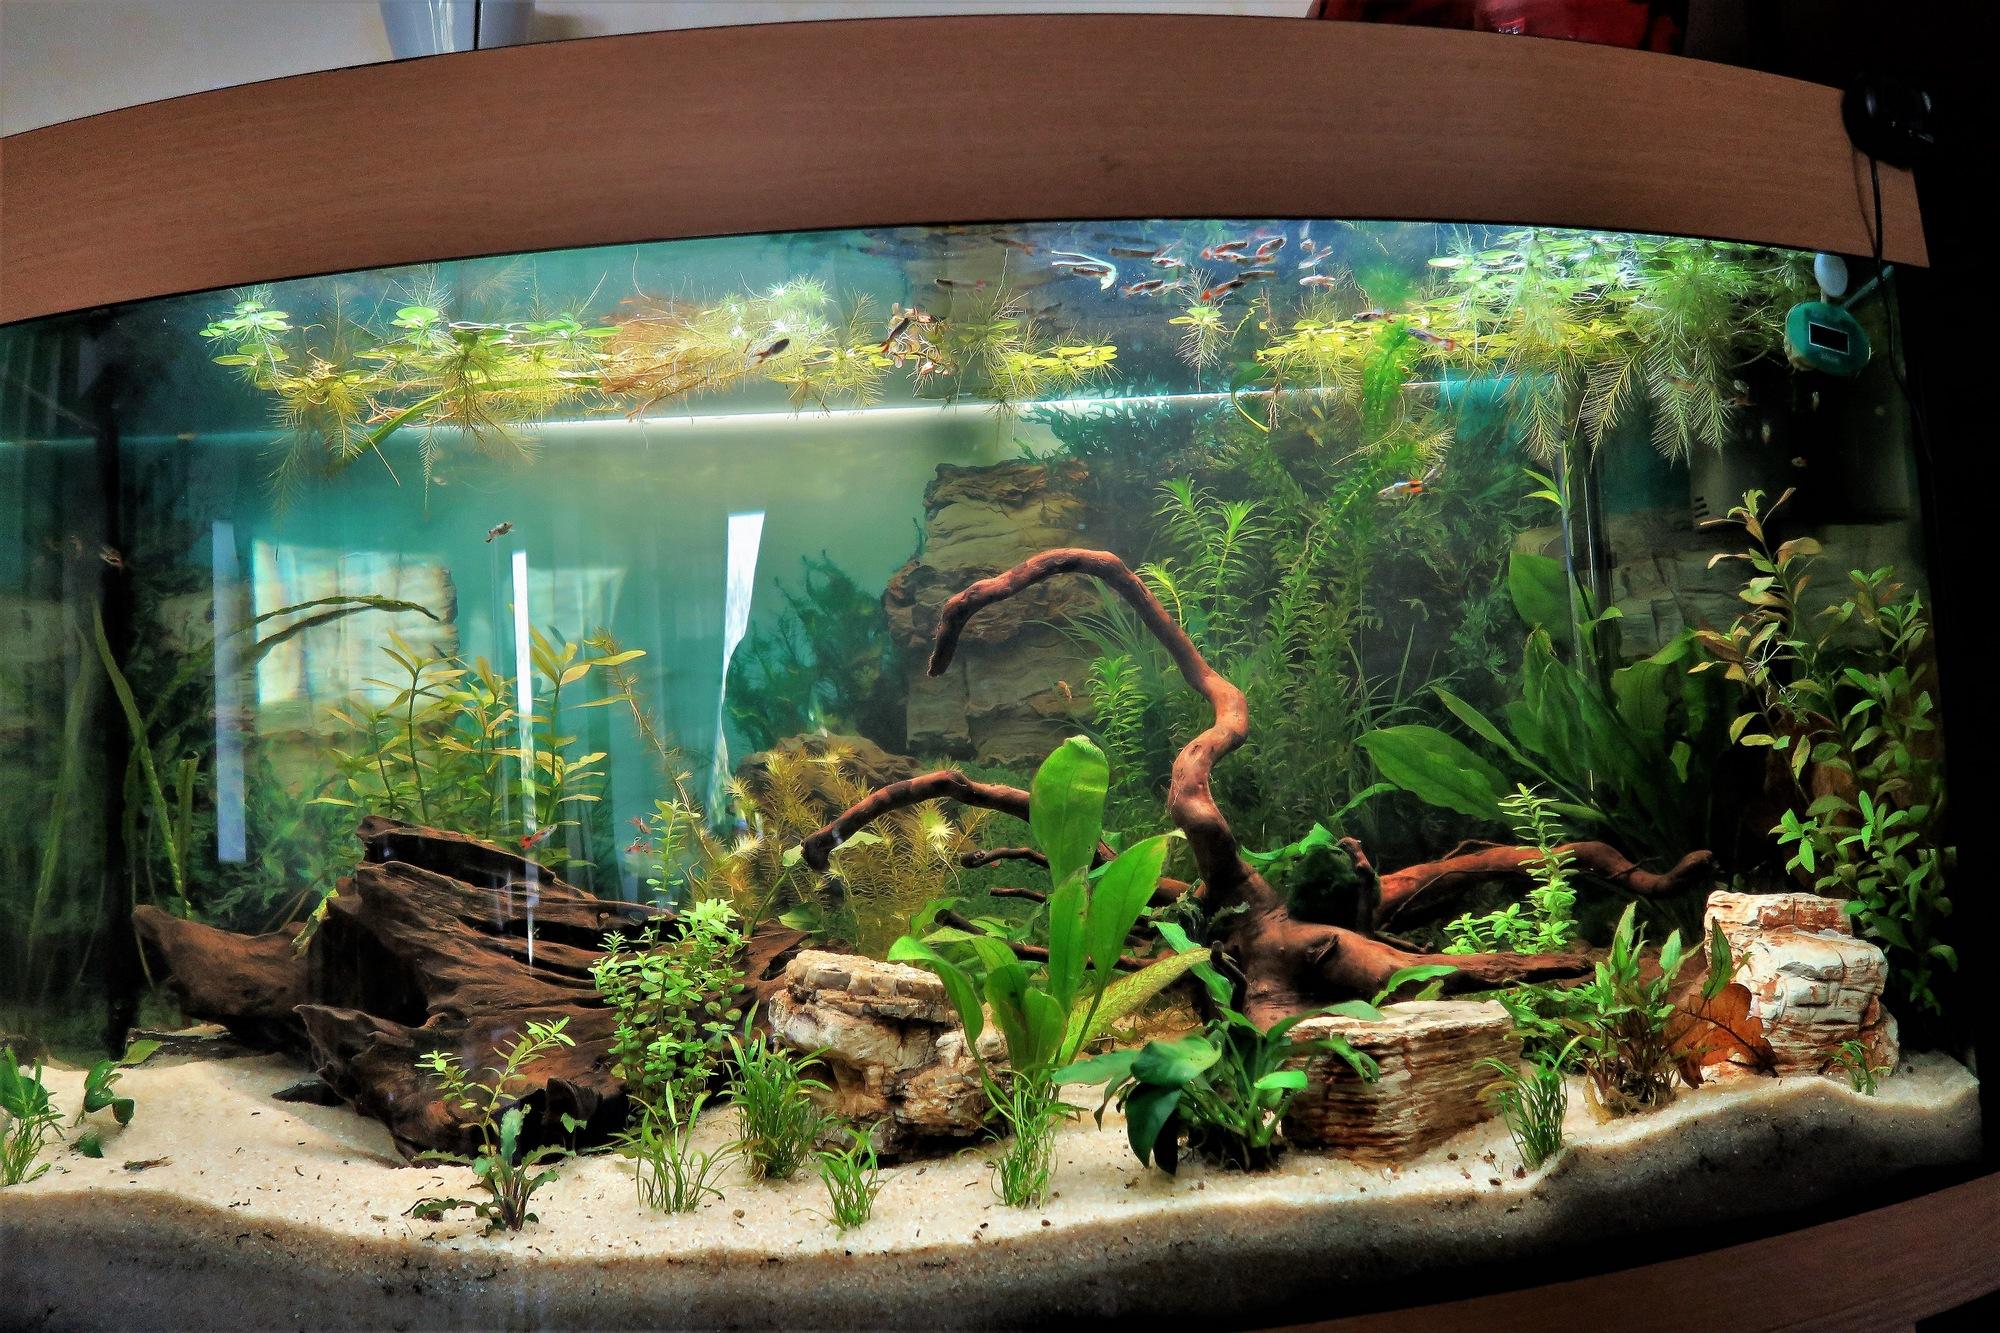 Aquarium ~# 2